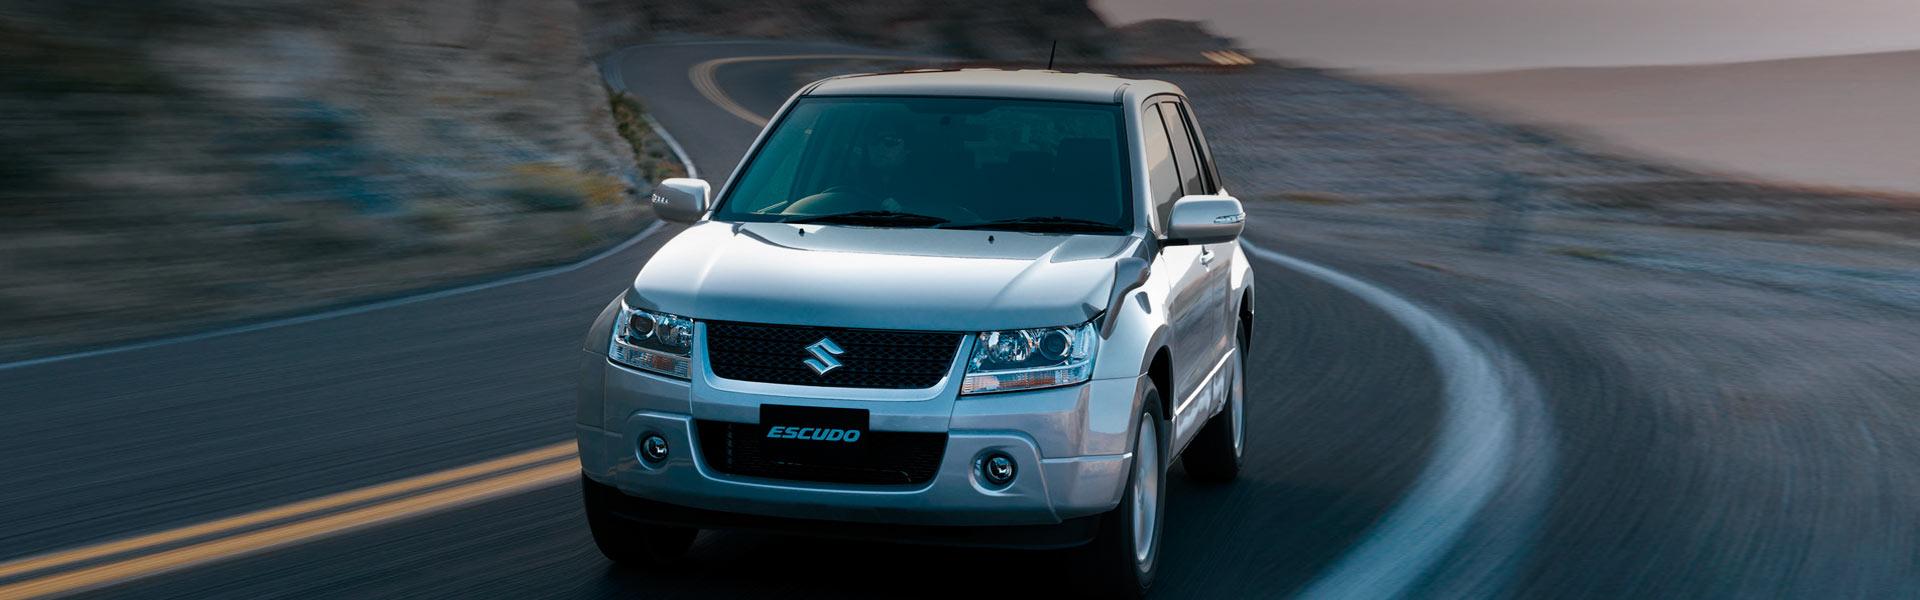 Сервис Suzuki Escudo